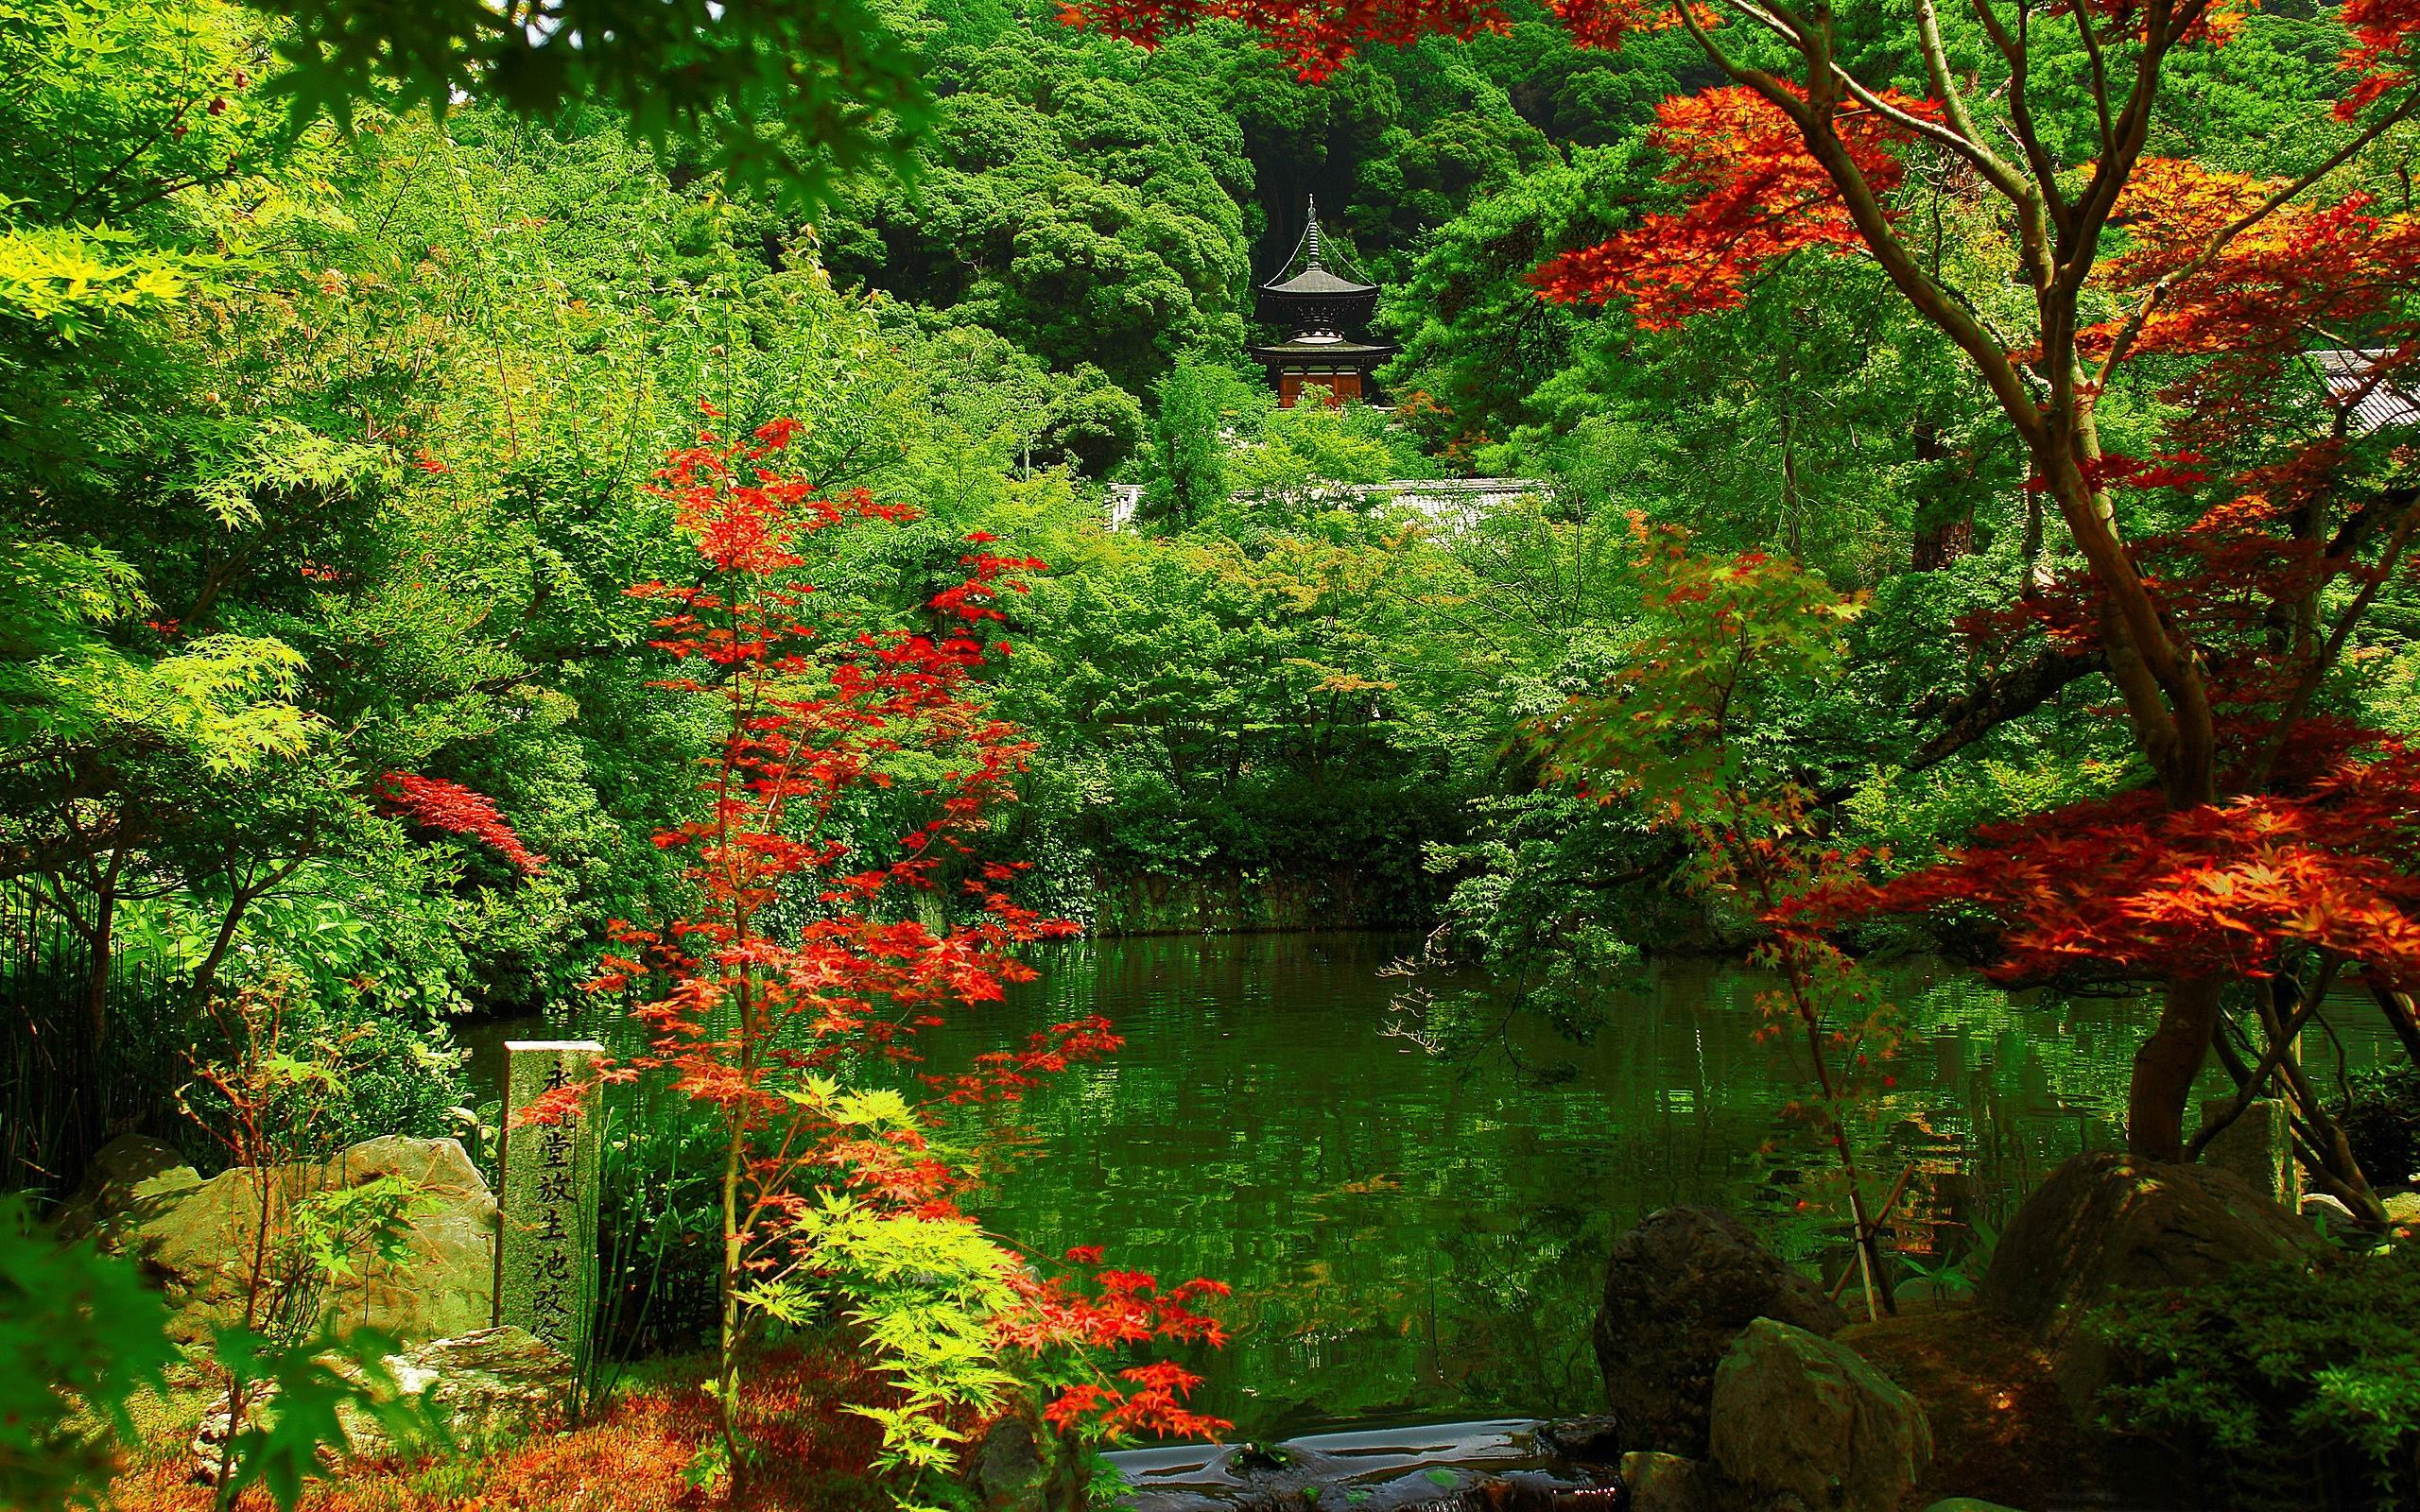 京都ガーデン-日本の風景壁紙 / 2560x1600